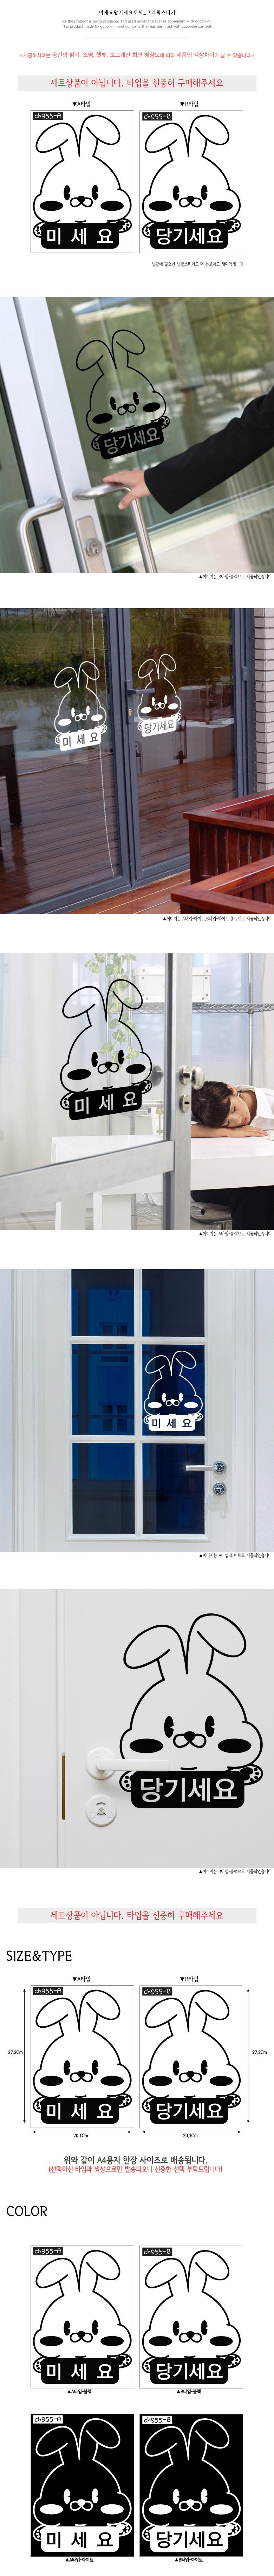 미세요당기세요토끼_그래픽스티커 - 꾸밈, 8,000원, 월데코스티커, 사물/동물